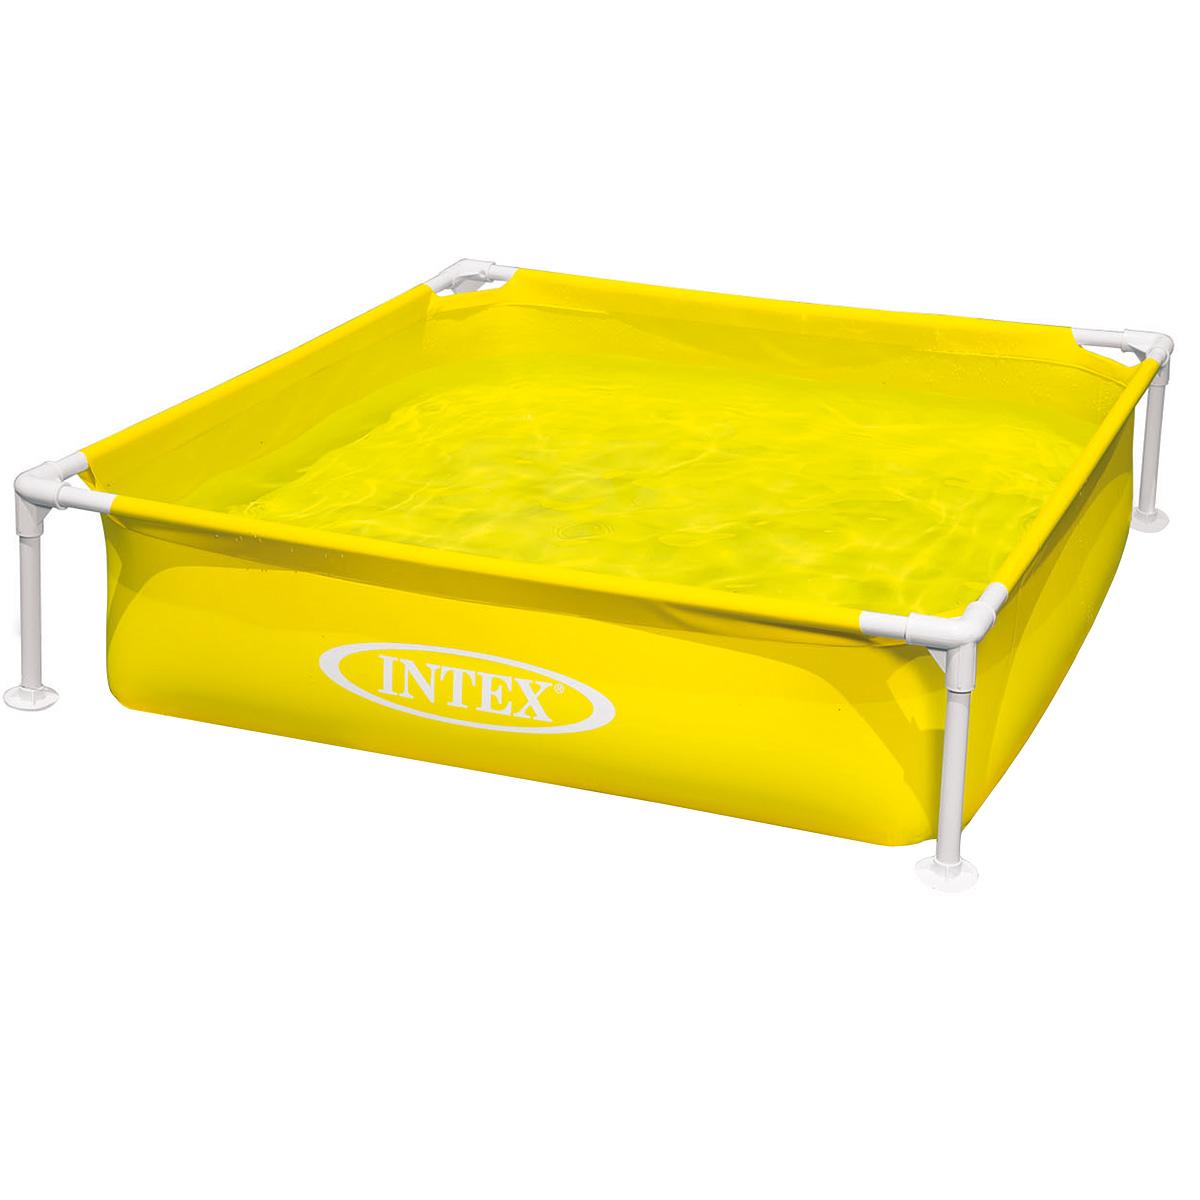 Бассейн надувной Intex,каркасный, цвет: желтый, 122 см х 30 см09840-20.000.00Детский каркасный бассейн Intex будет просто незаменим в летний жаркий день дома или на даче. Бассейн квадратной формы выполнен из прочного винила, дополнительную прочность обеспечивает стальной каркас. Такая конструкция позволяет бассейну выдерживать большие нагрузки при одновременном купании в нем нескольких детей. Дополнительную устойчивость бассейну придают четыре ножки.Яркий бассейн непременно станет для вас не только незаменимым атрибутом летнего отдыха, но и дополнением ландшафтного дизайна участка. В комплект с бассейном входит специальная заплатка для ремонта в случае прокола. Гарантия производителя: 30 дней.